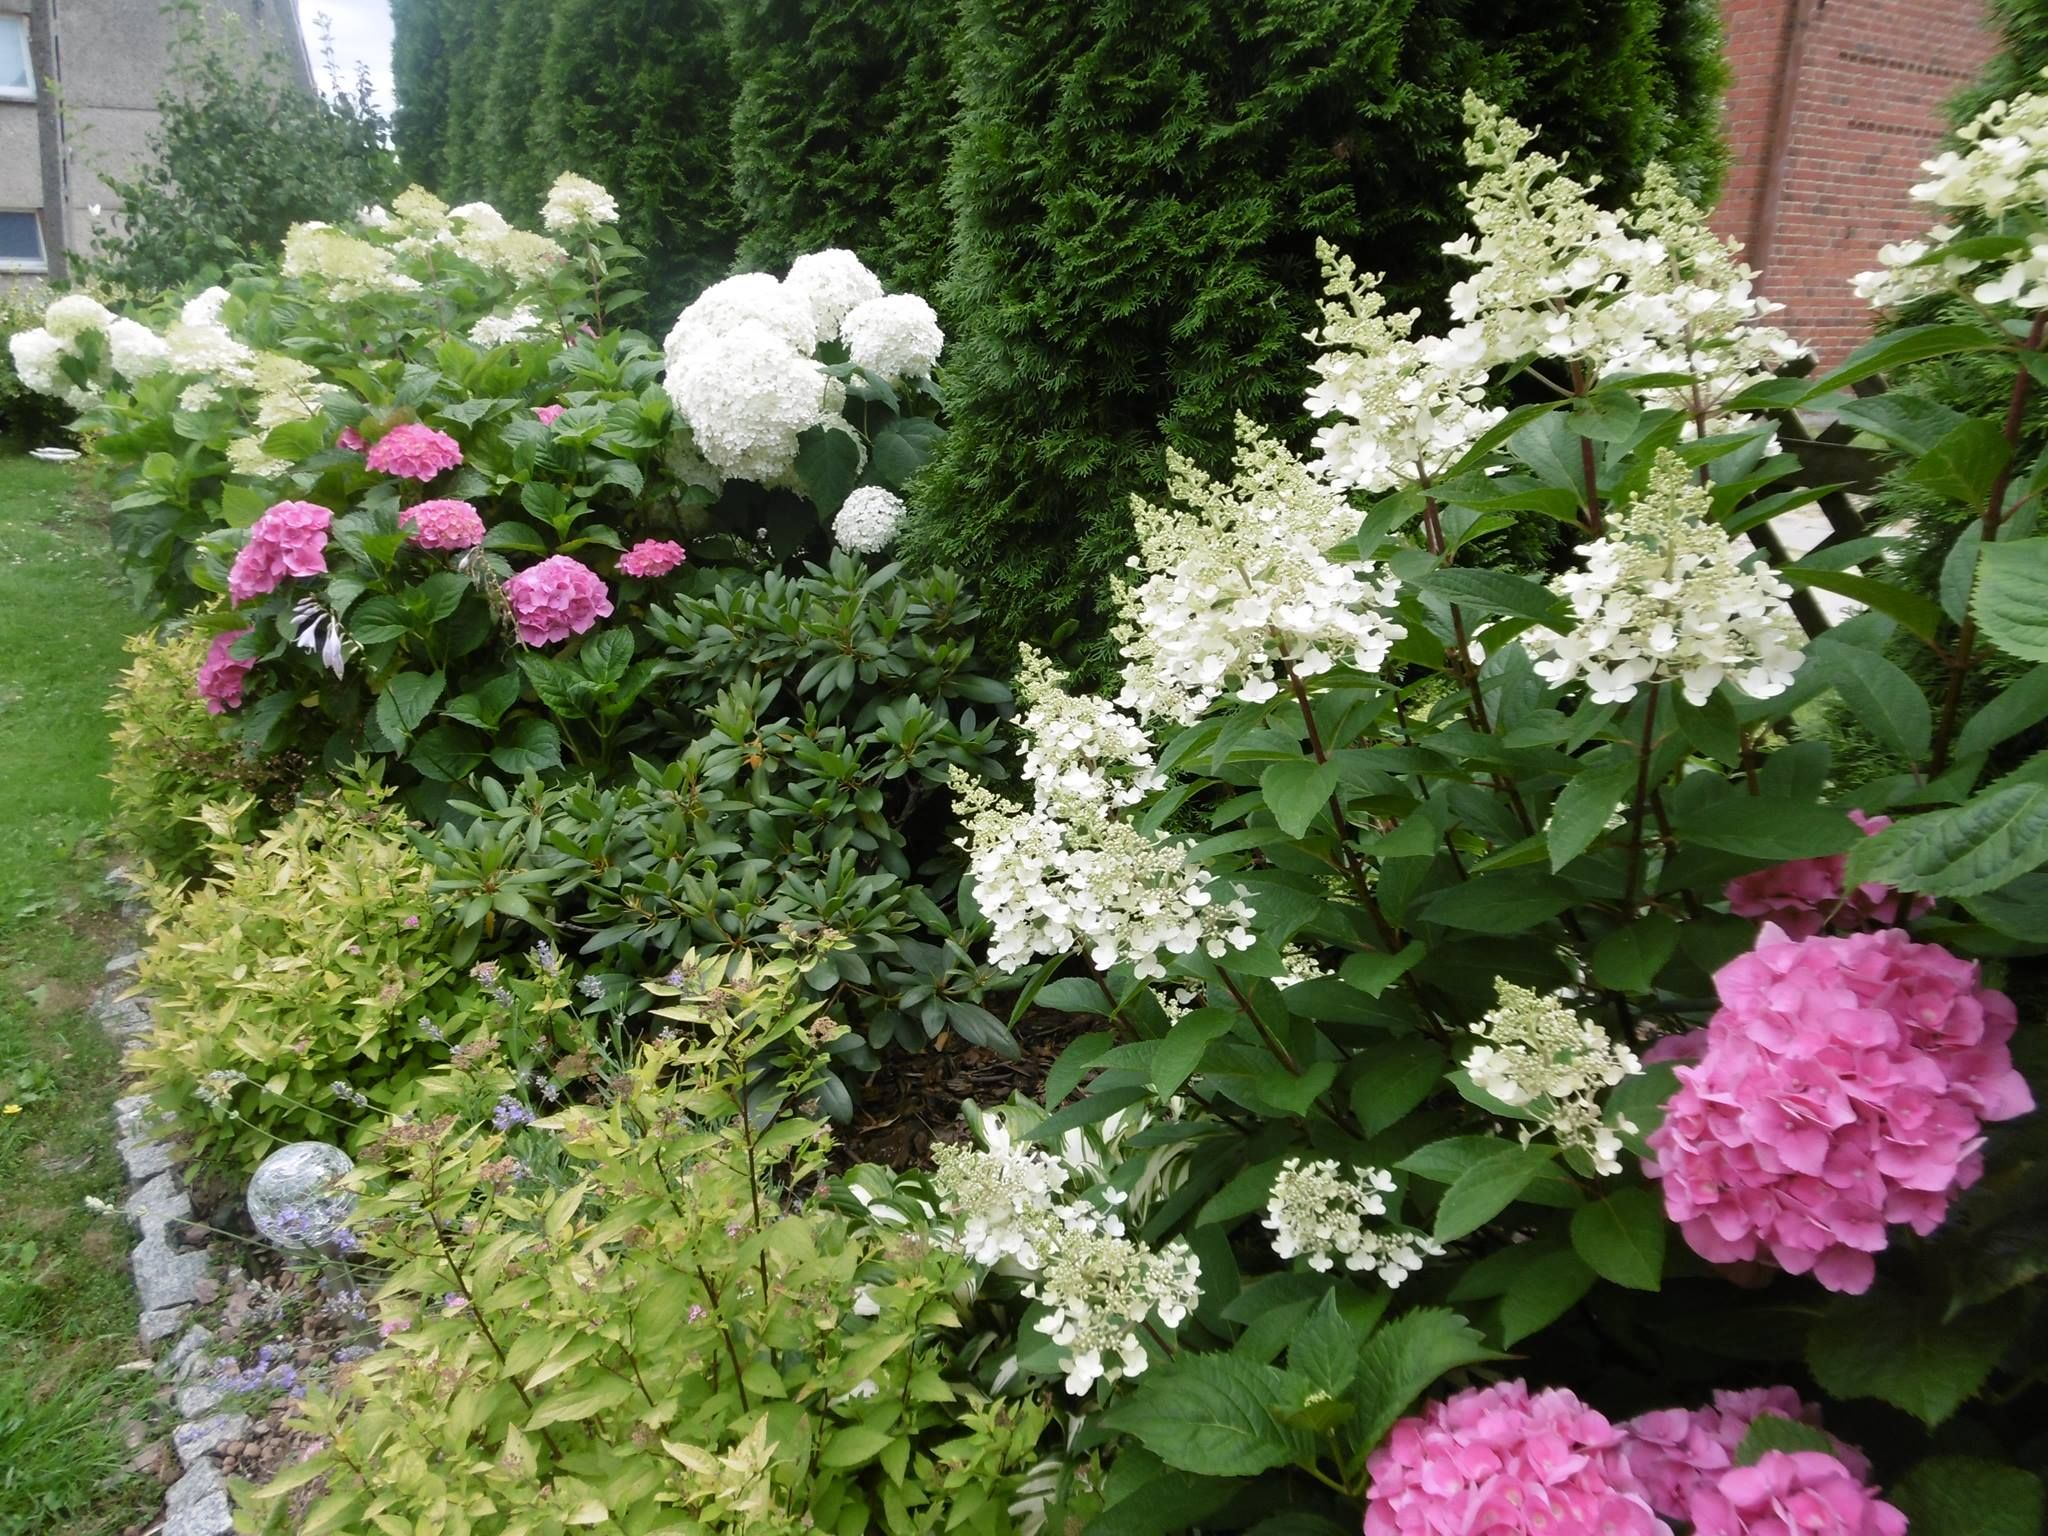 Hortensje Ogrodowe Rododendrony Hortensje Bukietowe Drzewiaste Anabell Tawuly Japonskie Hosty Zurawki A Nawet Lawenda Garden Pictures